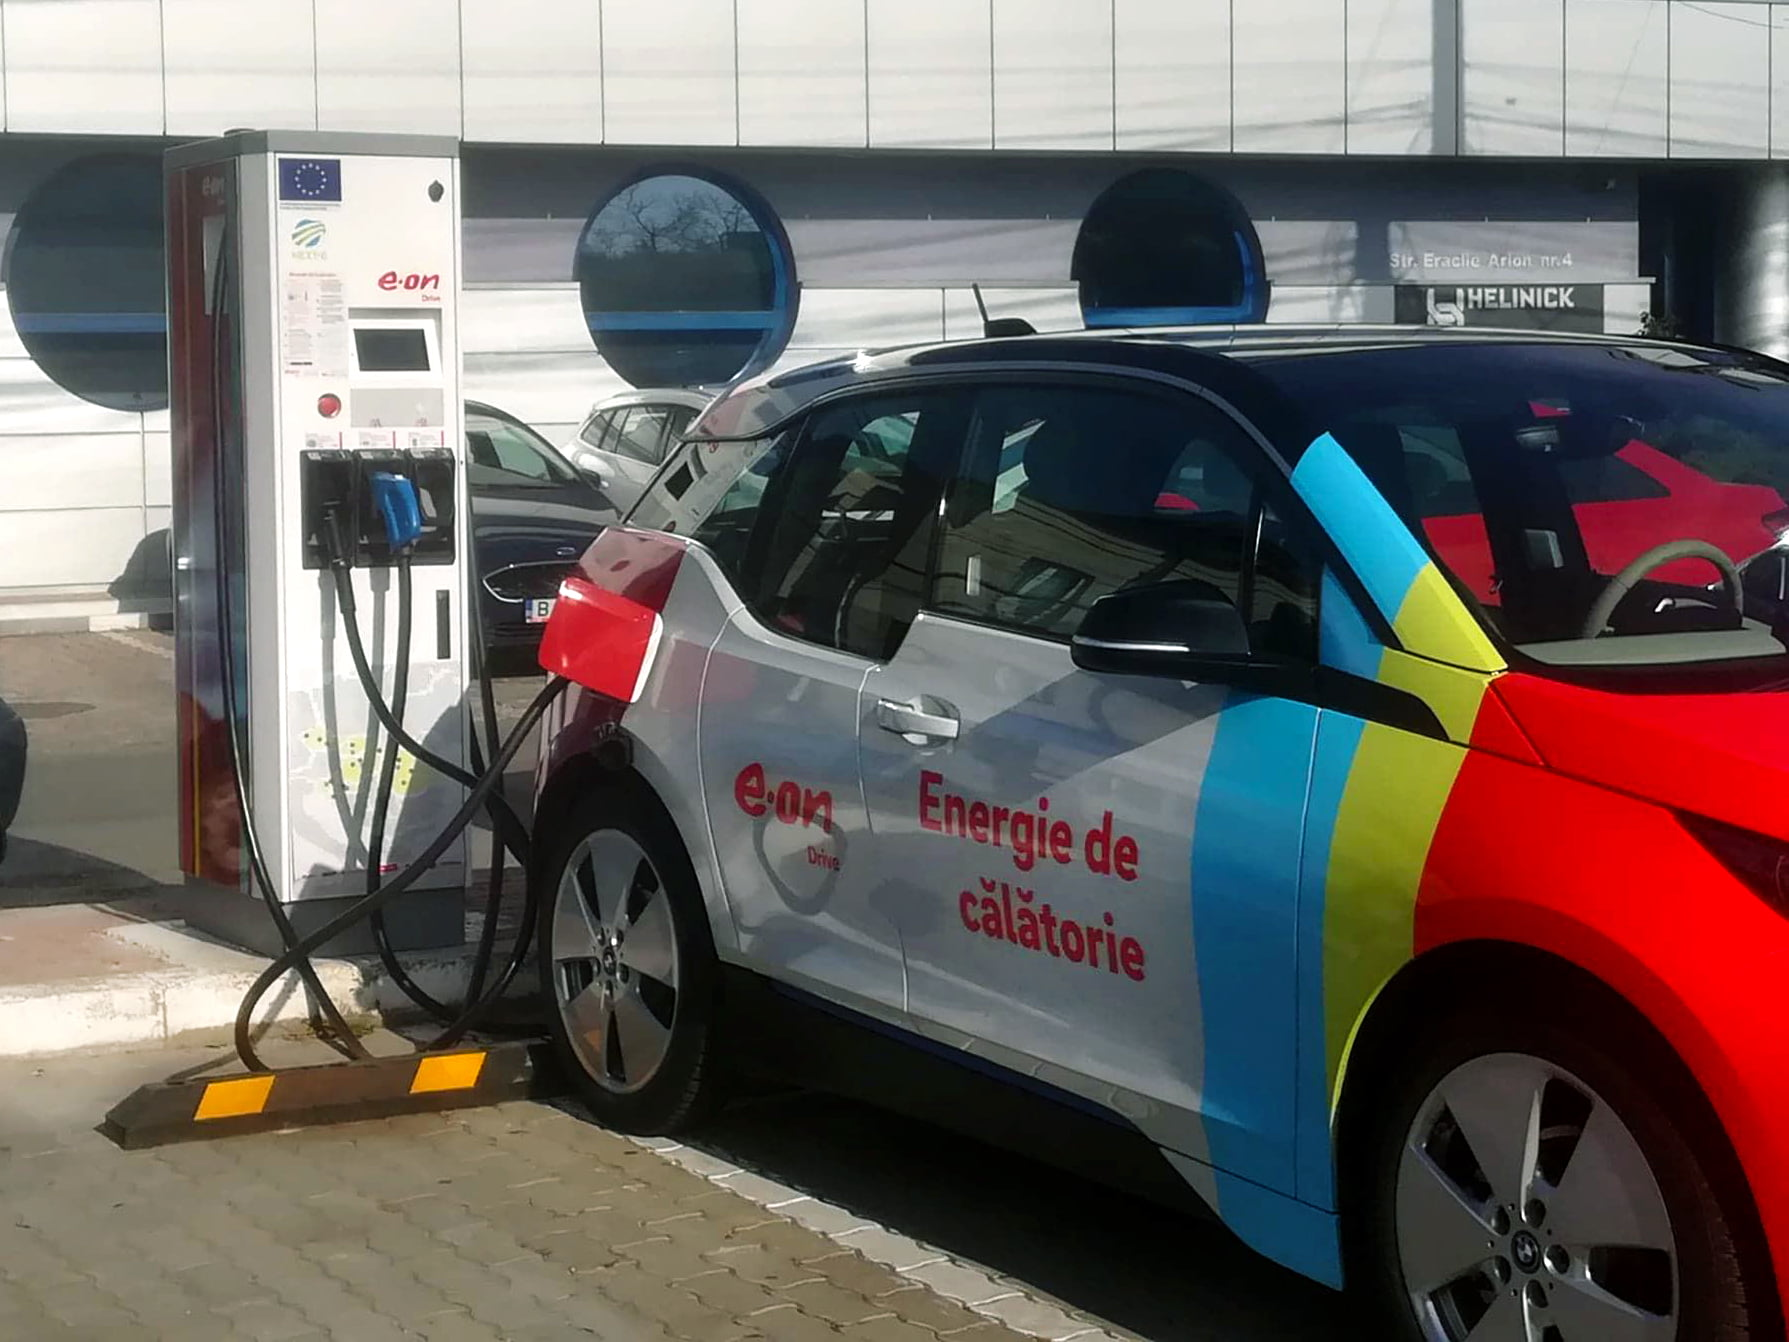 E.ON marchează un nou progres important în cadrul proiectului NEXT-E: trei noi stații de încărcare rapidă a mașinilor electrice